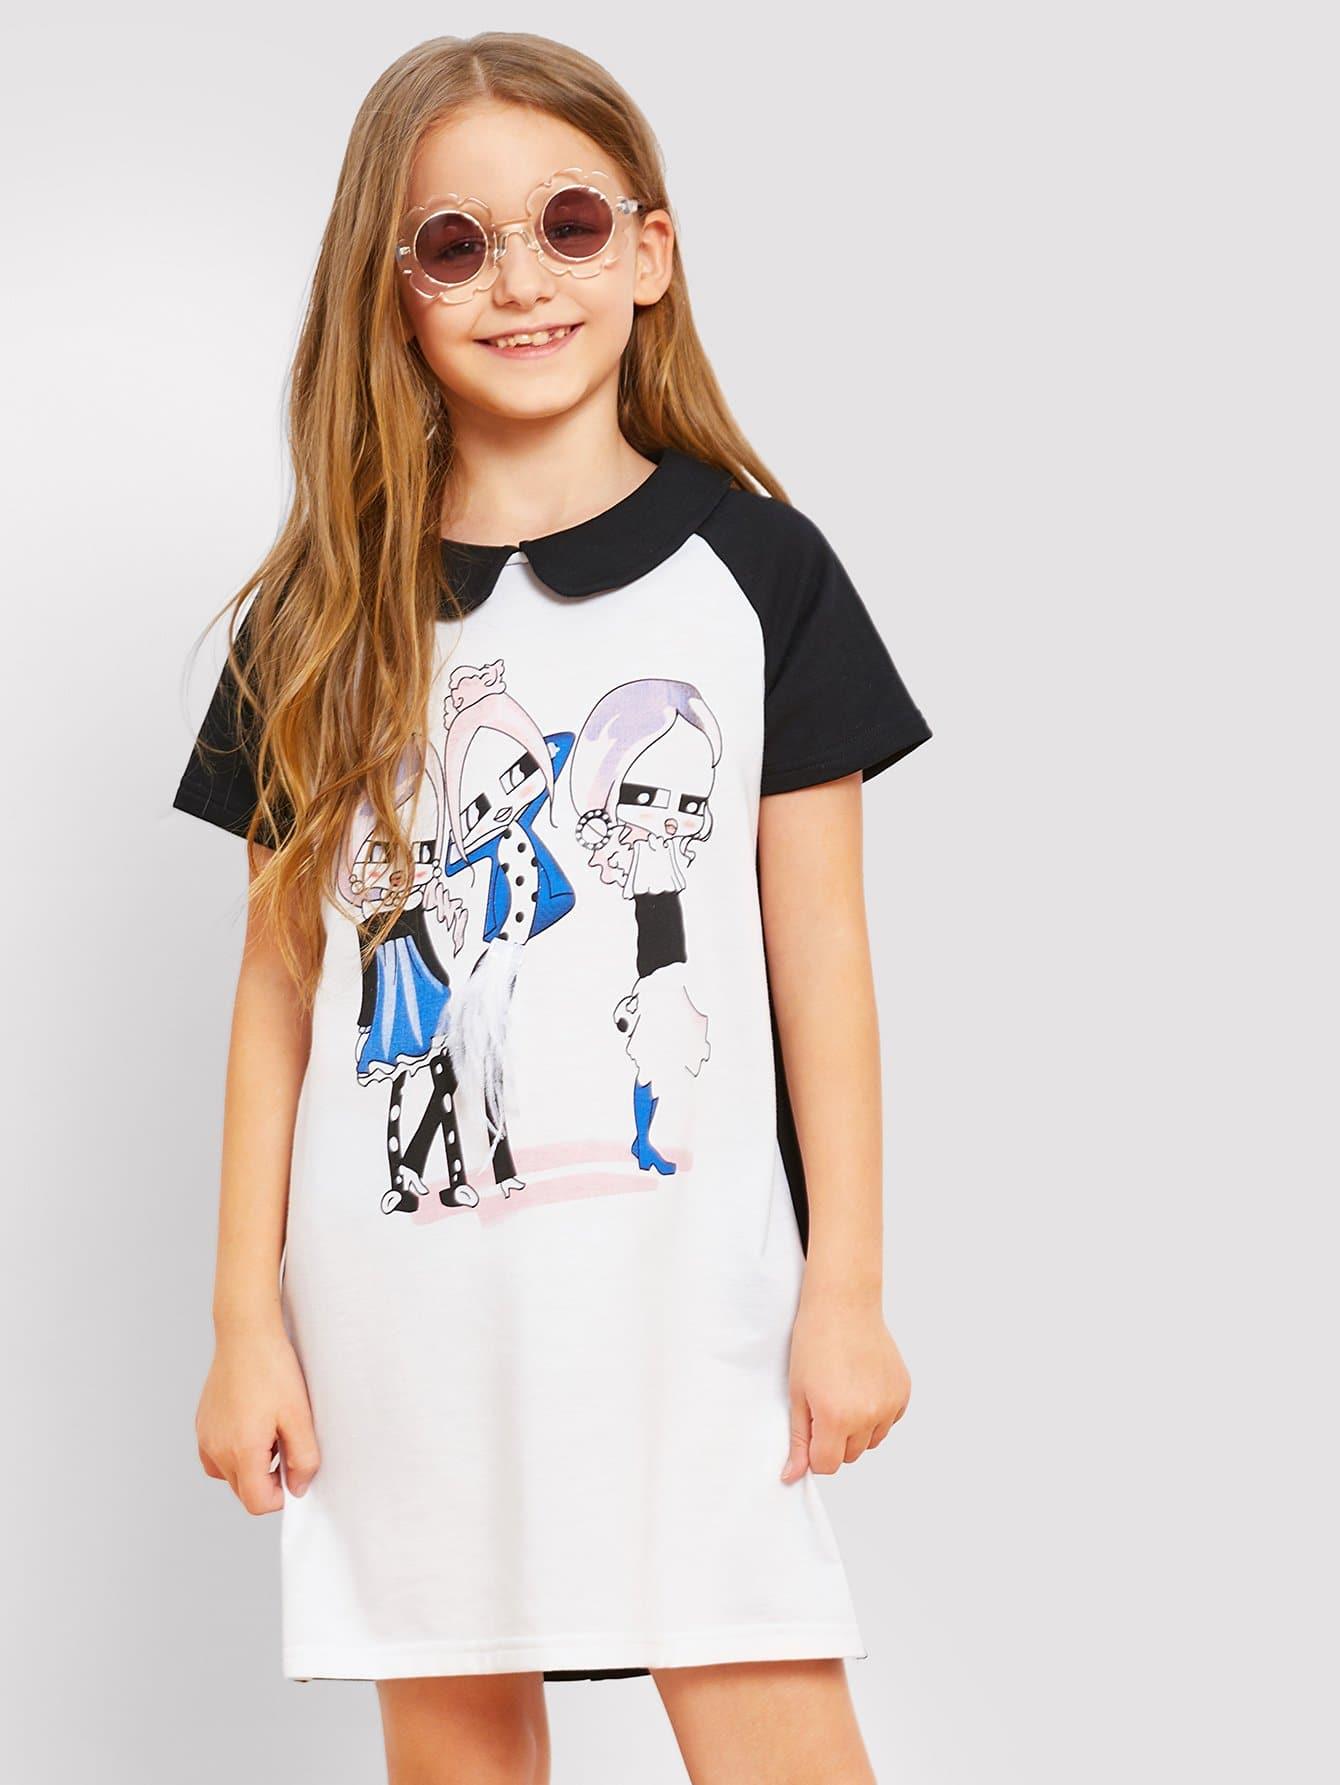 Купить Платье с рисунками цифры и с застёжкой молния сзади одежды для девочки, Sashab, SheIn